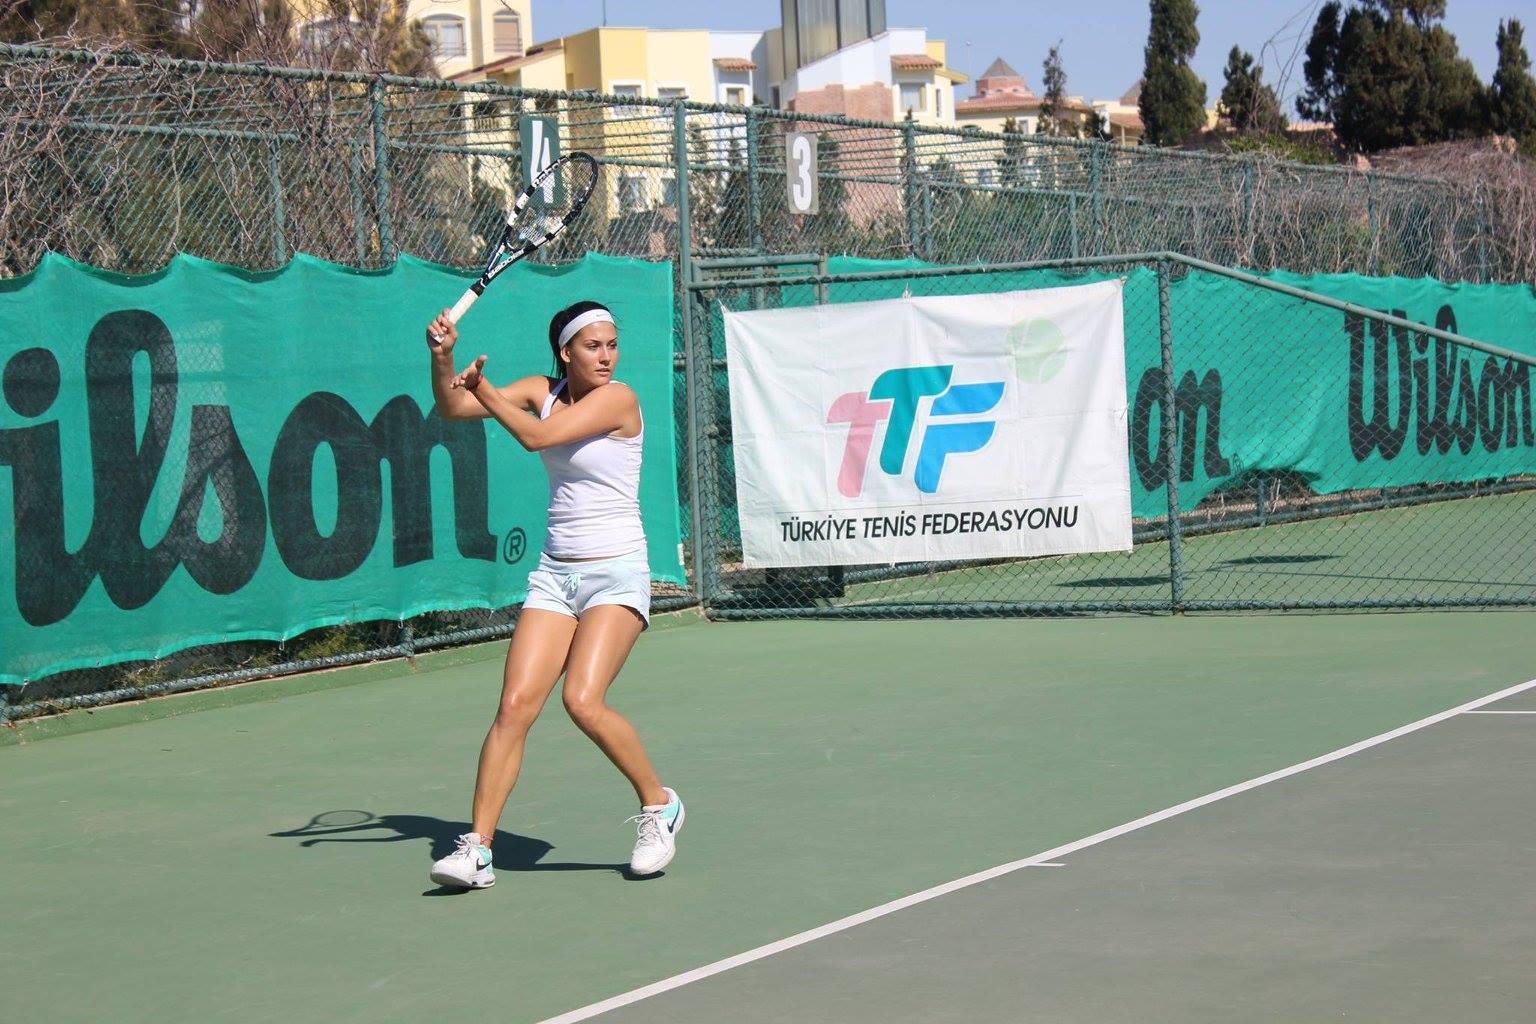 Джулия Терзийска за първата си титла: Винаги се боря до последно - дори в най-лошите мигове